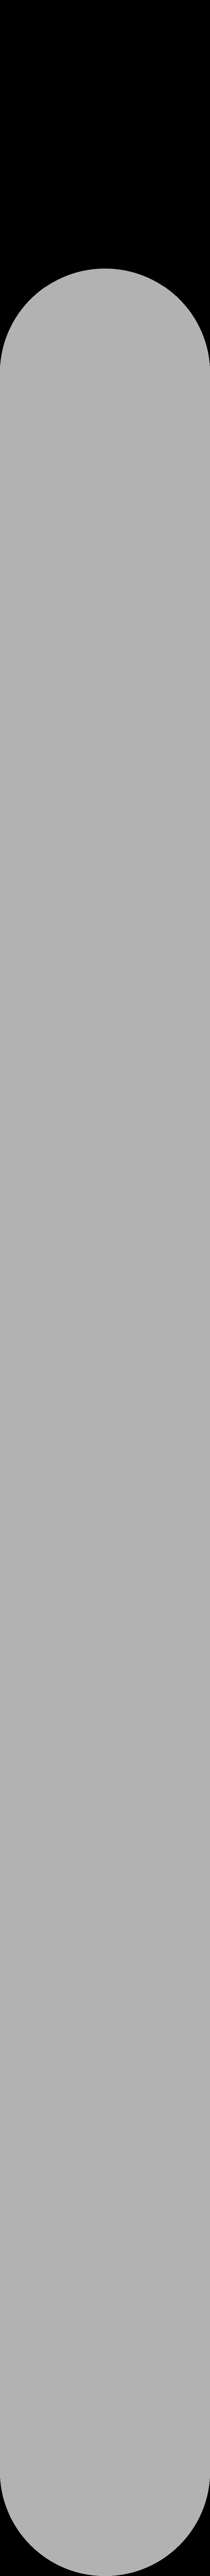 e element histogram Clipart illustration in PNG, SVG